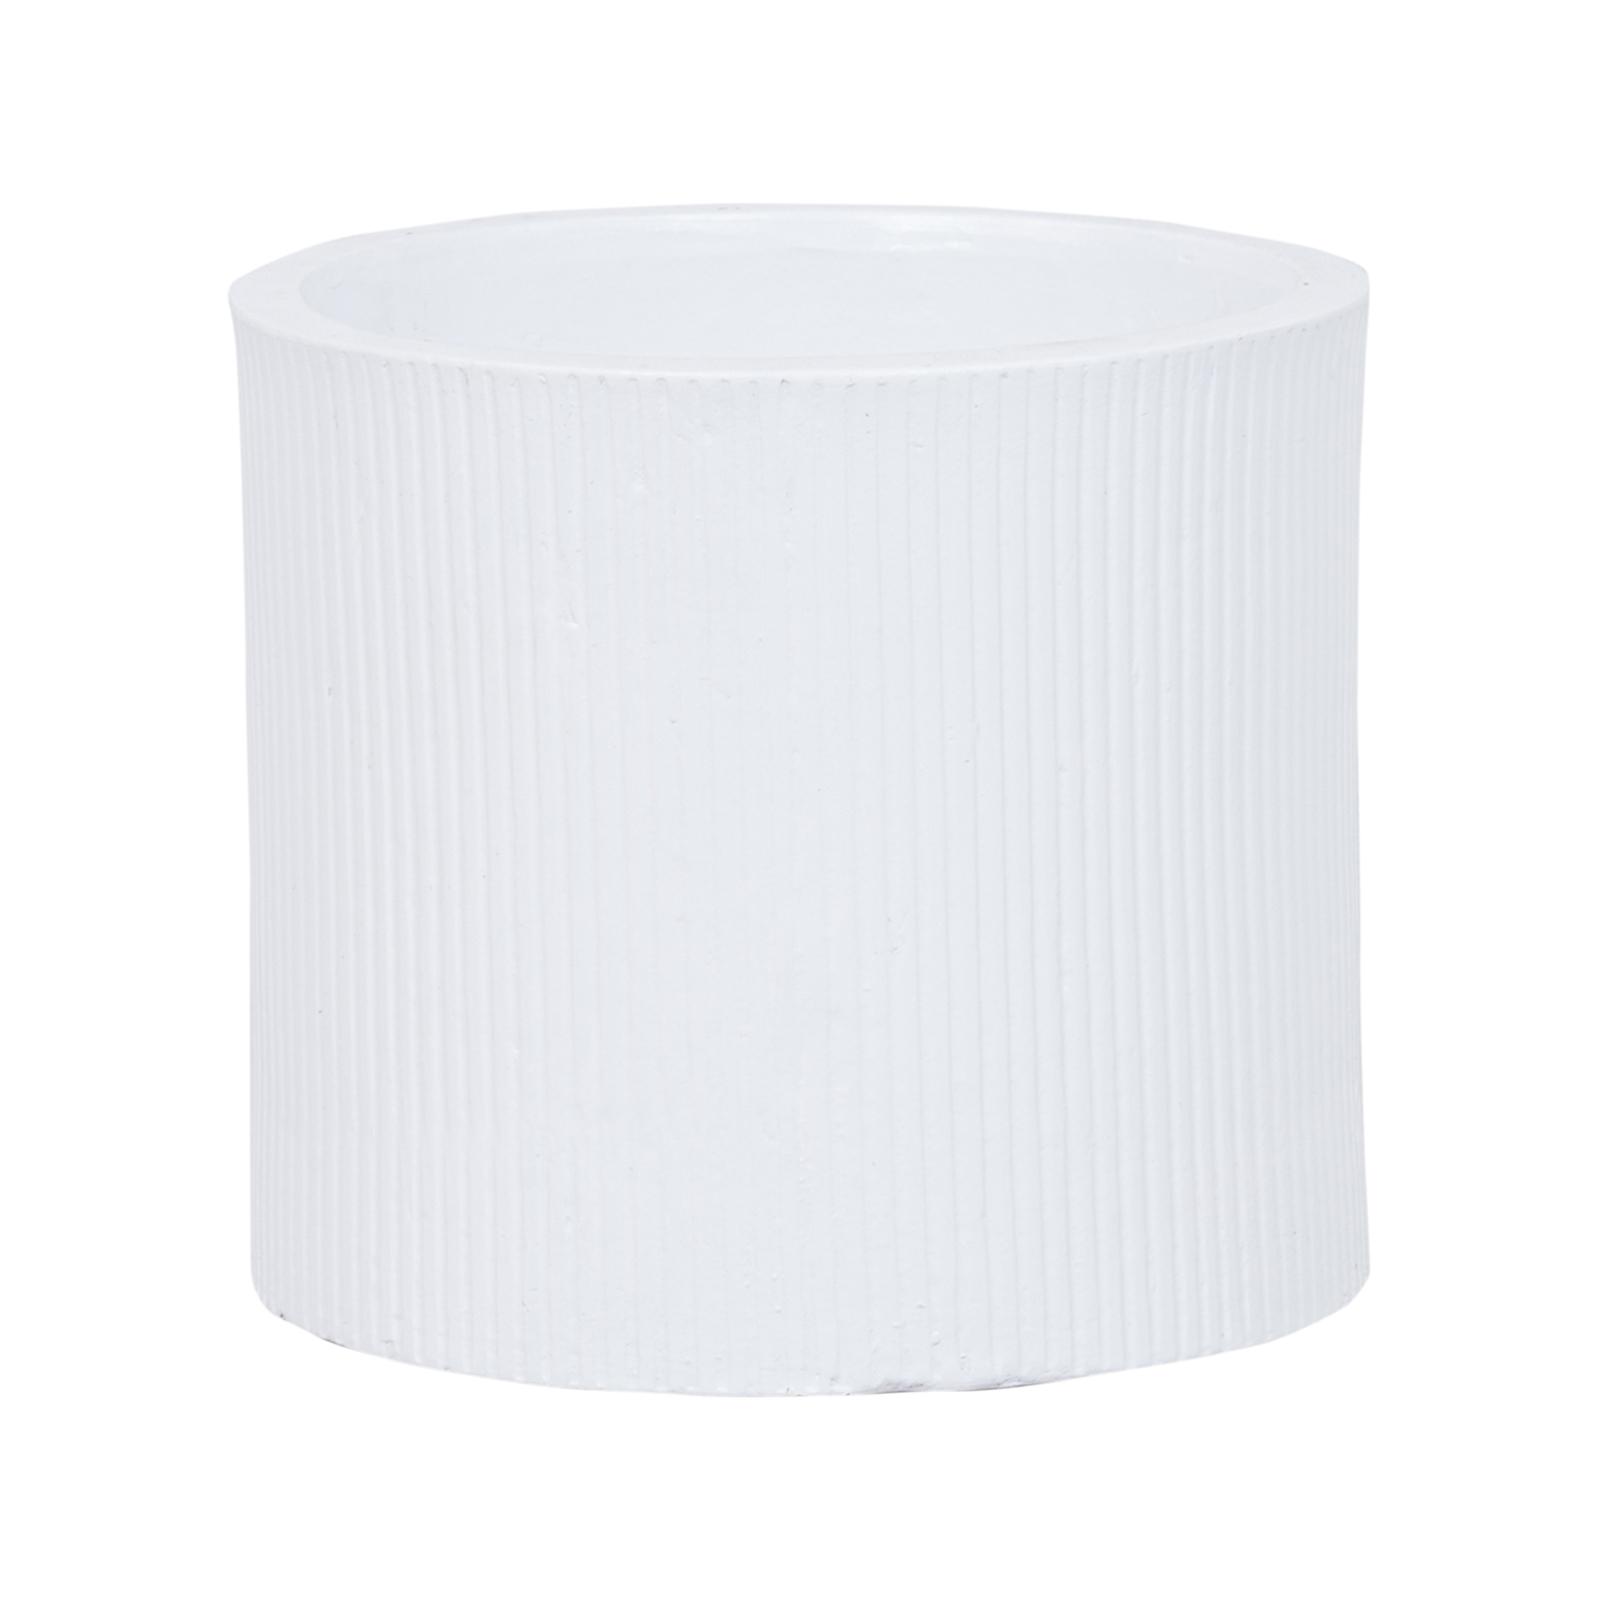 Lotus 23.5 x 21cm White Large Cylinder Linear Ceramic Pot